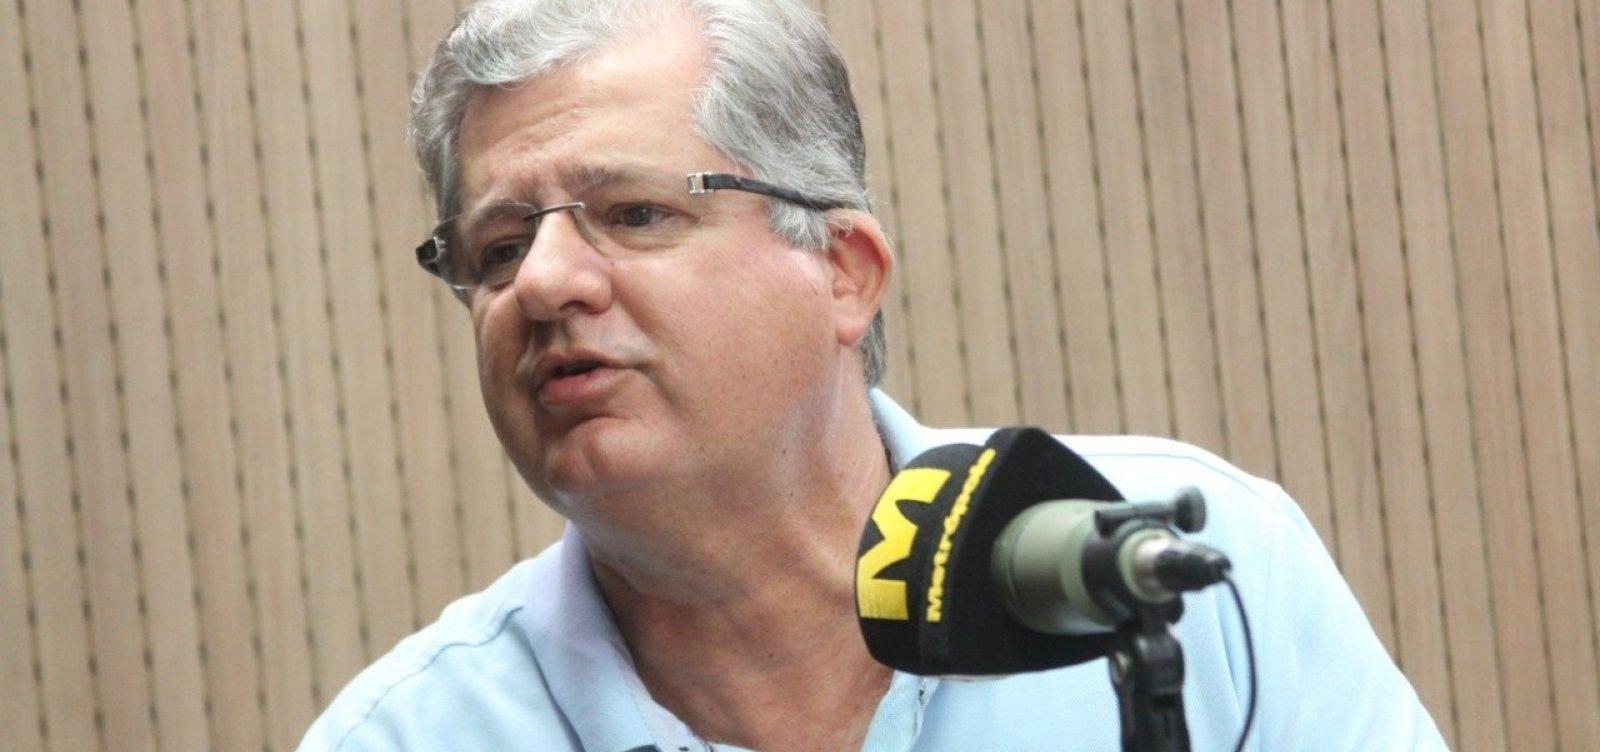 'Surpreso' com debandada, Jutahy promete voto em Alckmin e Ronaldo: 'Vou cumprir a palavra'